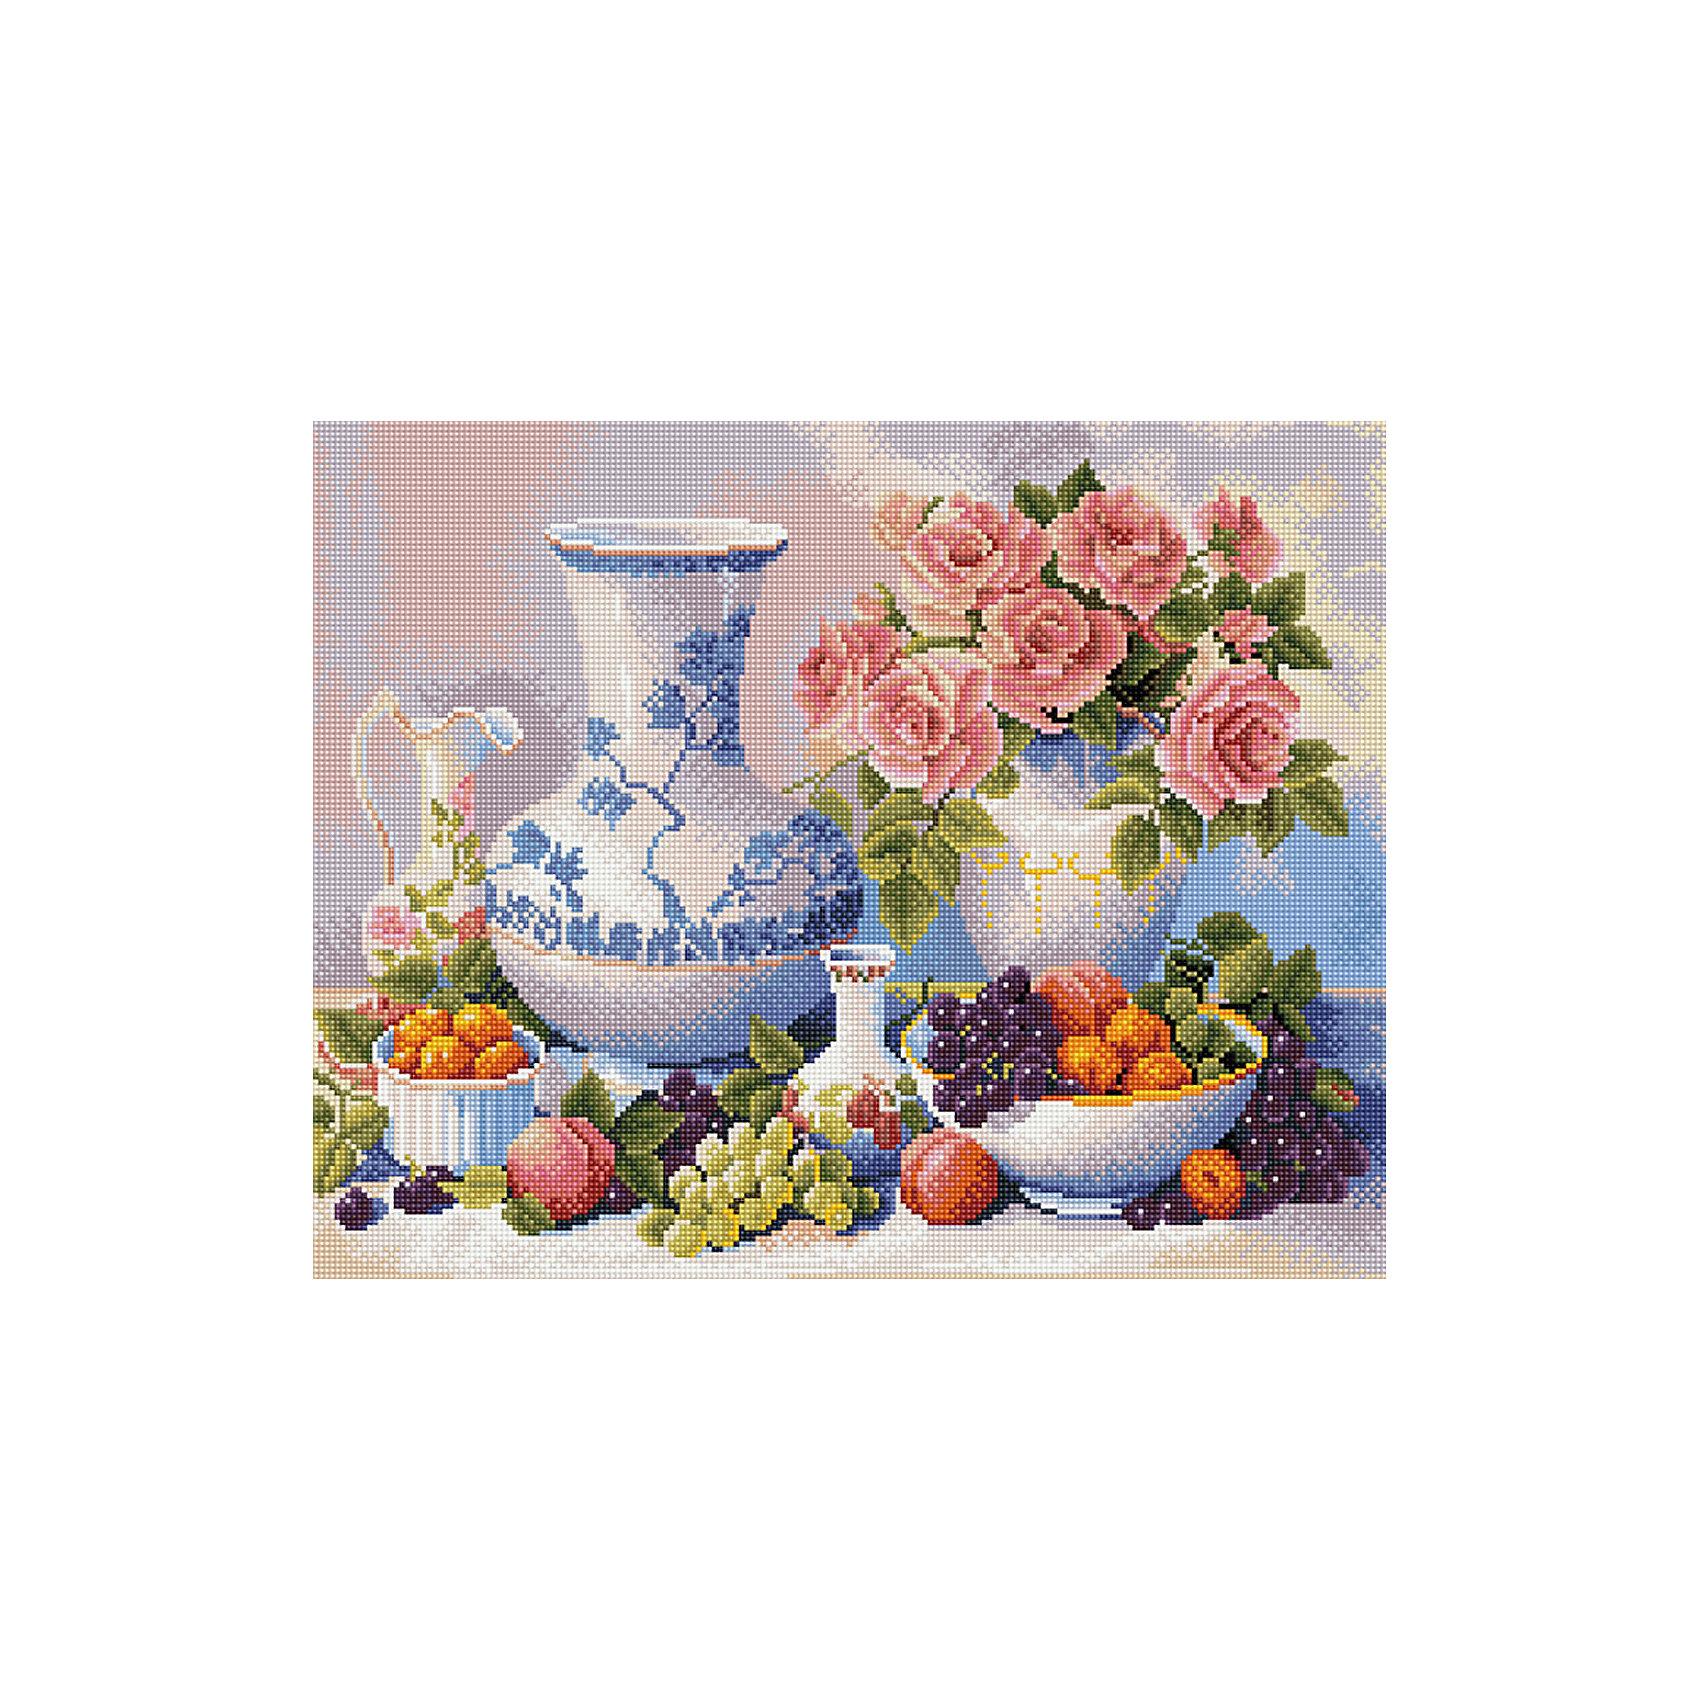 Алмазная мозаика Натюрморт с виноградом 40*50 смХарактеристики товара:<br><br>• размер: 40x50 см<br>• размер упаковки: 42x52х5 см<br>• комплектация: холст 40х50 см, комплект искусственных камней, пинцет, пластмассовый лоток для камней, пластмассовый карандаш для камней, клей<br>• материал: акрил, текстиль, пластик<br>• не требует специальных навыков<br>• для творчества<br>• страна бренда: Российская Федерация<br>• страна производства: Китай<br><br>Алмазная мозаика в настоящий момент очень популярна, и это не удивительно! С помощью подобных наборов можно создавать красивые переливающиеся картины, при этом совсем не обязательно иметь опыт рукоделия. В набор для создания алмазной мозаики входит основа, на которую нужно наклеить небольшие камни - поля пронумерованы, поэтому найти для них правильное место не составит труда. В итоге получается картина, которой можно украсить помещение или подарить кому-то!<br>Набор станет отличным подарком для взрослых и детей. Подобные занятия помогают ребенку развивать важные навыки и способности, они активизирует мышление, формируют усидчивость, логику, абстрактное мышление и воображение. Изделие производится из качественных и проверенных материалов, которые безопасны для детей.<br><br>Алмазную мозаику по номерам Натюрморт с виноградом 40*50 см с прозрачными стразами от бренда Tukzar можно купить в нашем интернет-магазине.<br><br>Ширина мм: 420<br>Глубина мм: 520<br>Высота мм: 50<br>Вес г: 900<br>Возраст от месяцев: 96<br>Возраст до месяцев: 2147483647<br>Пол: Женский<br>Возраст: Детский<br>SKU: 5217123